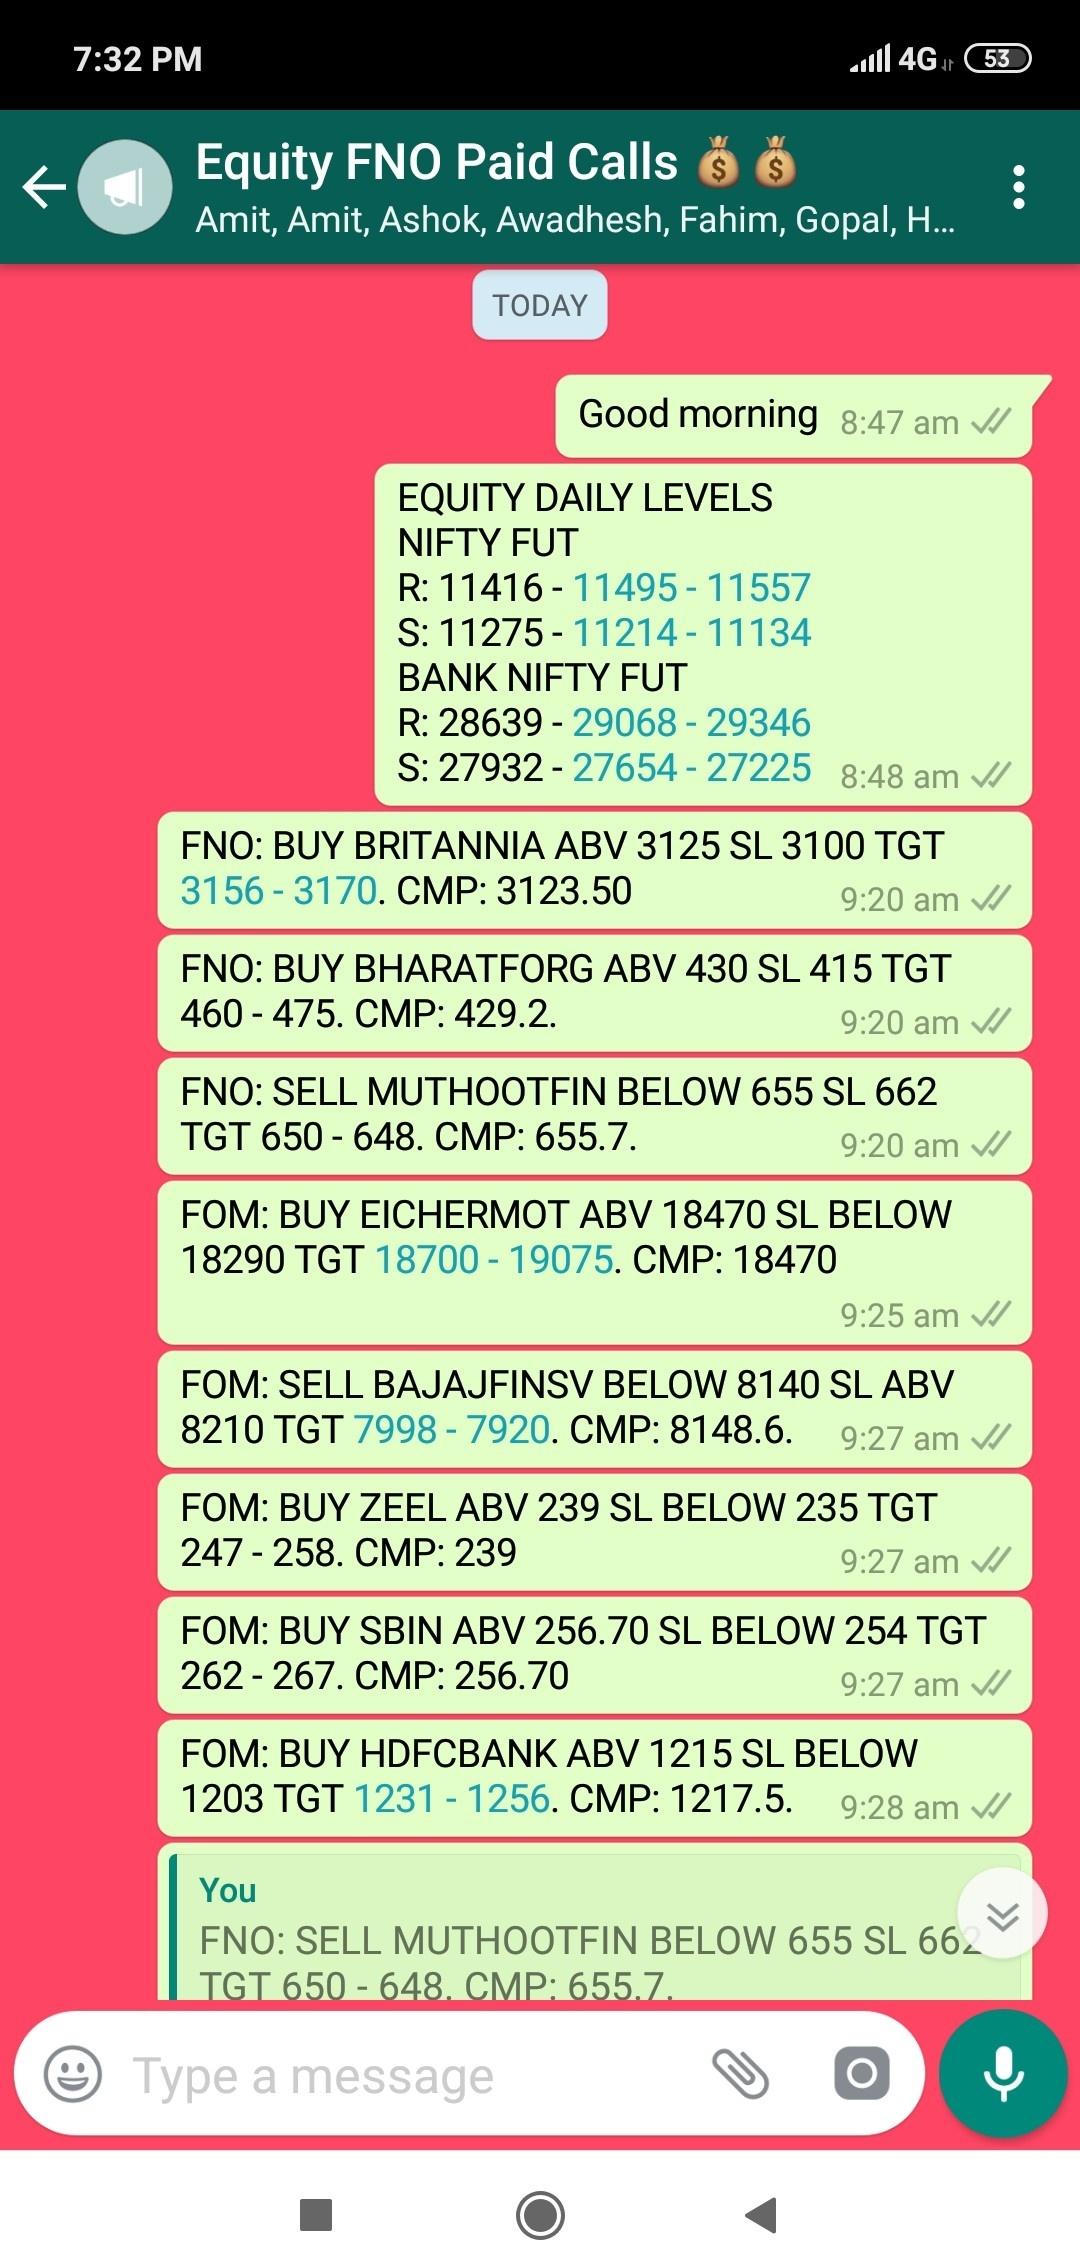 @santoshgupta-HkLmdCjAV's activity - 399751